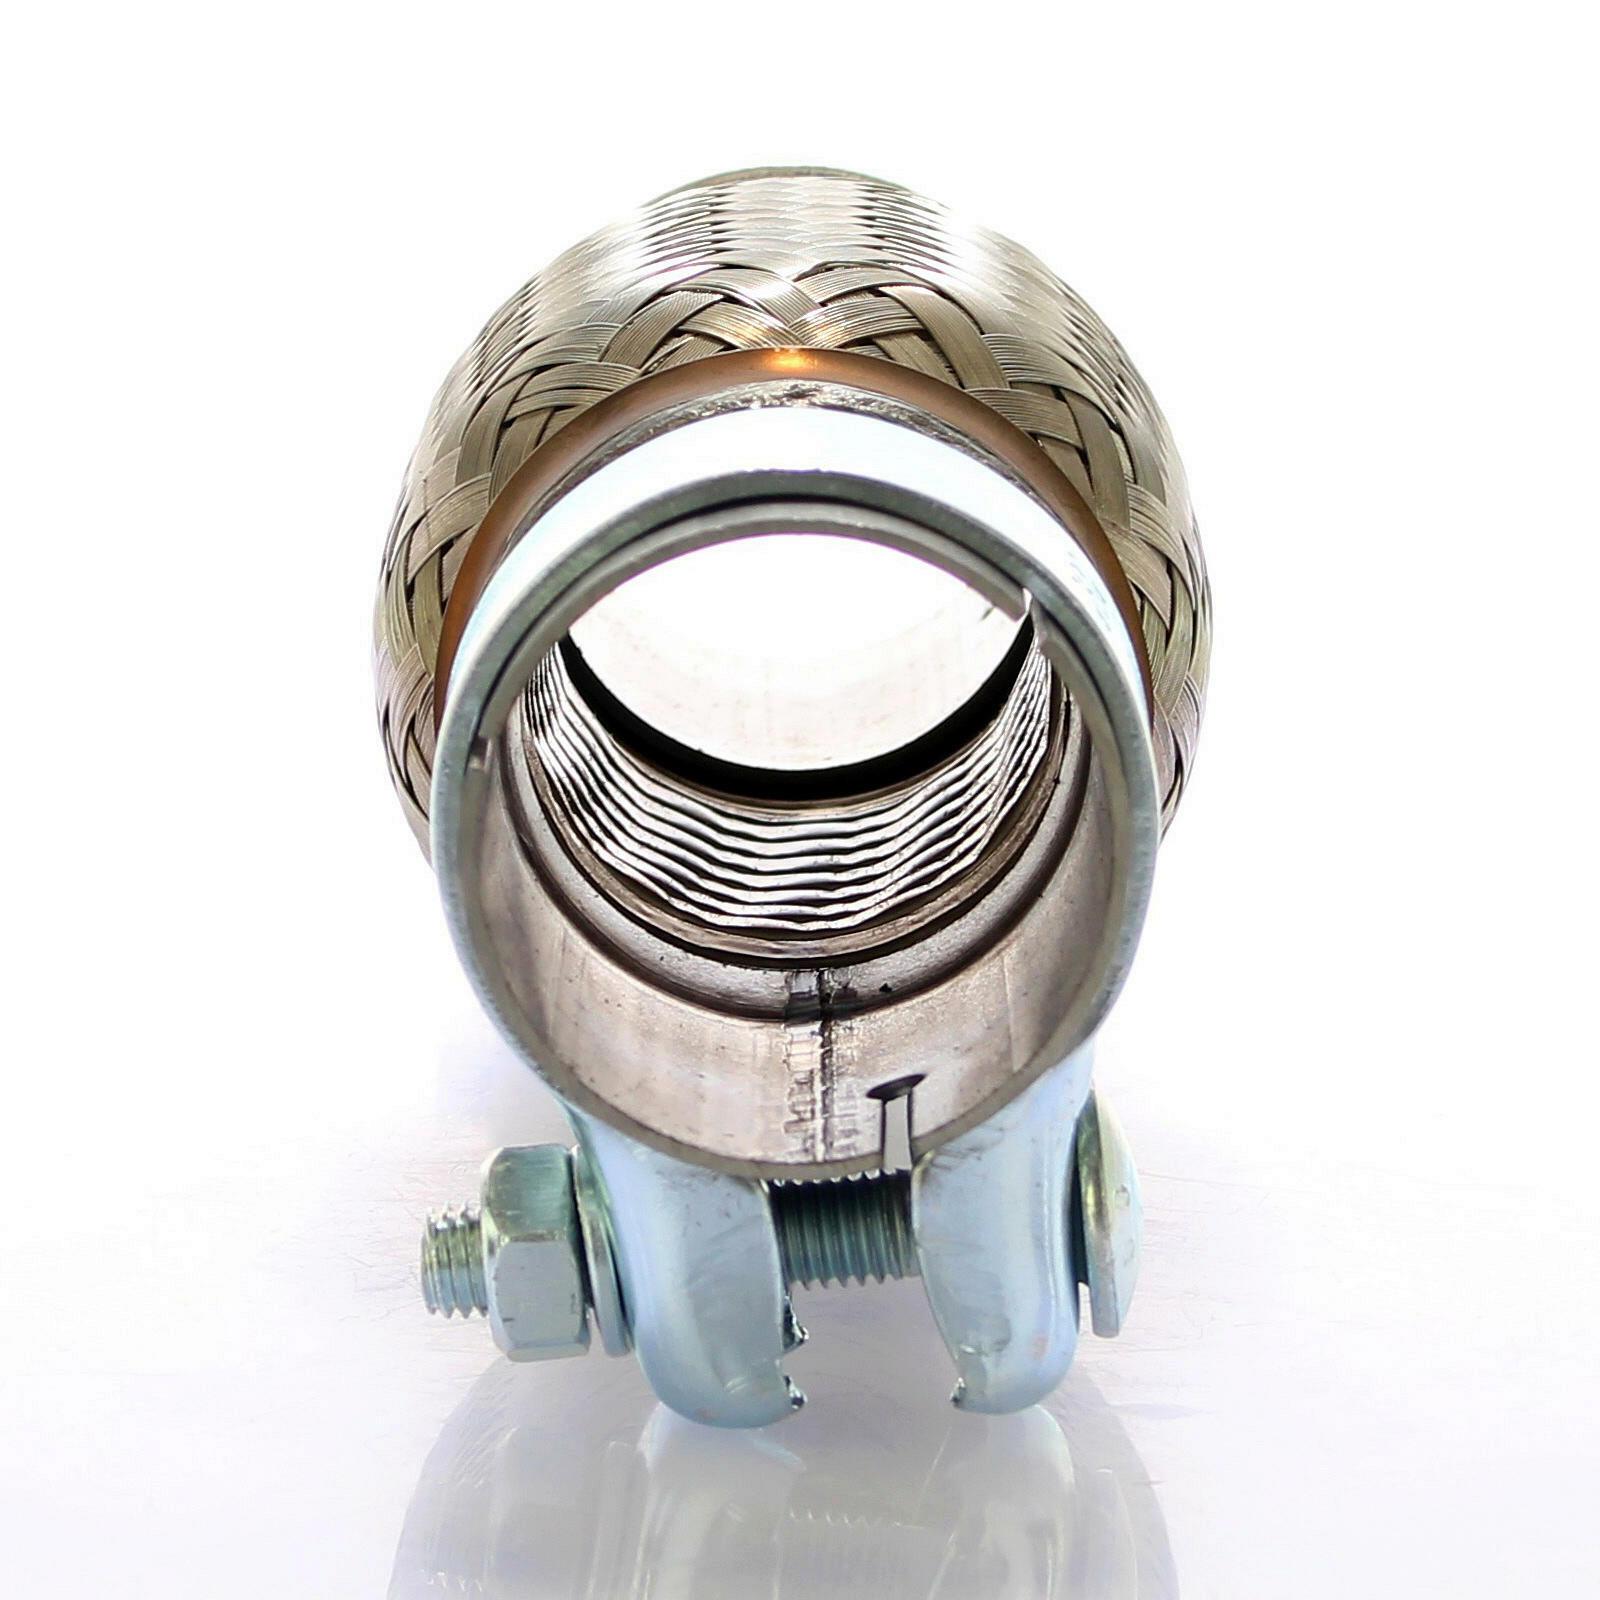 Flexrohr Set mit Bandschelle 50x100 mm